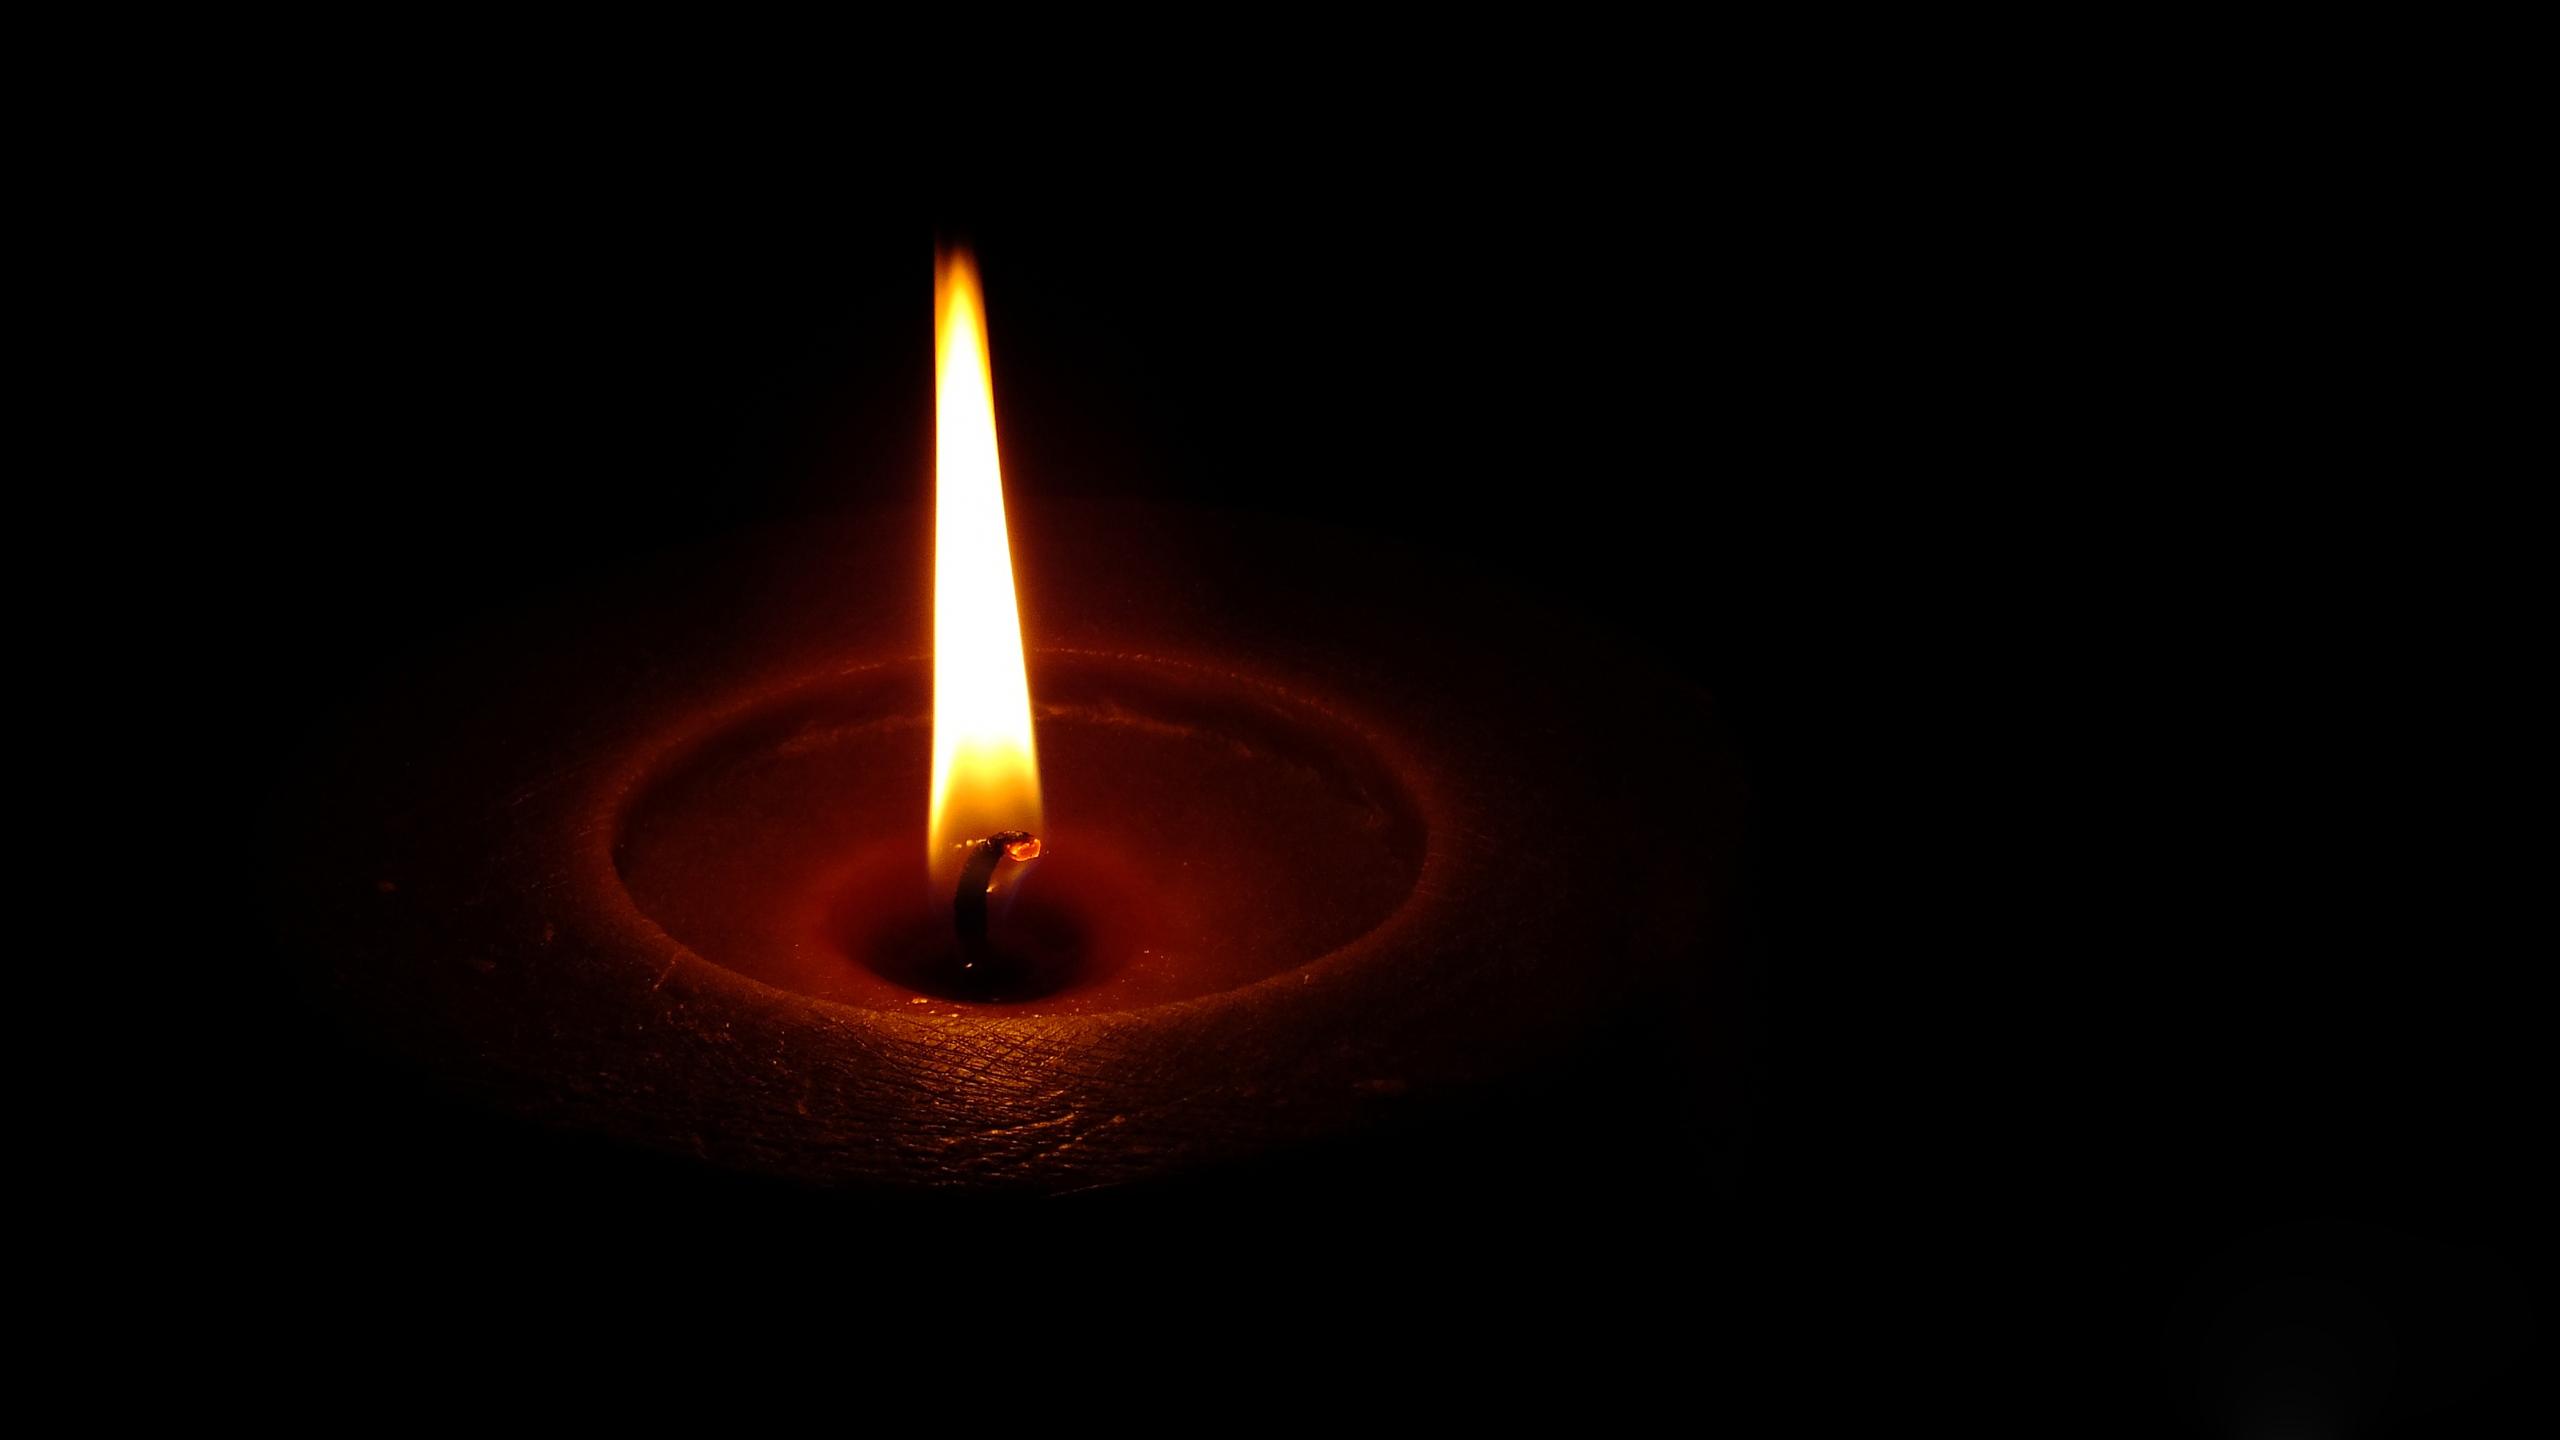 Обои на рабочий стол пламя свечи